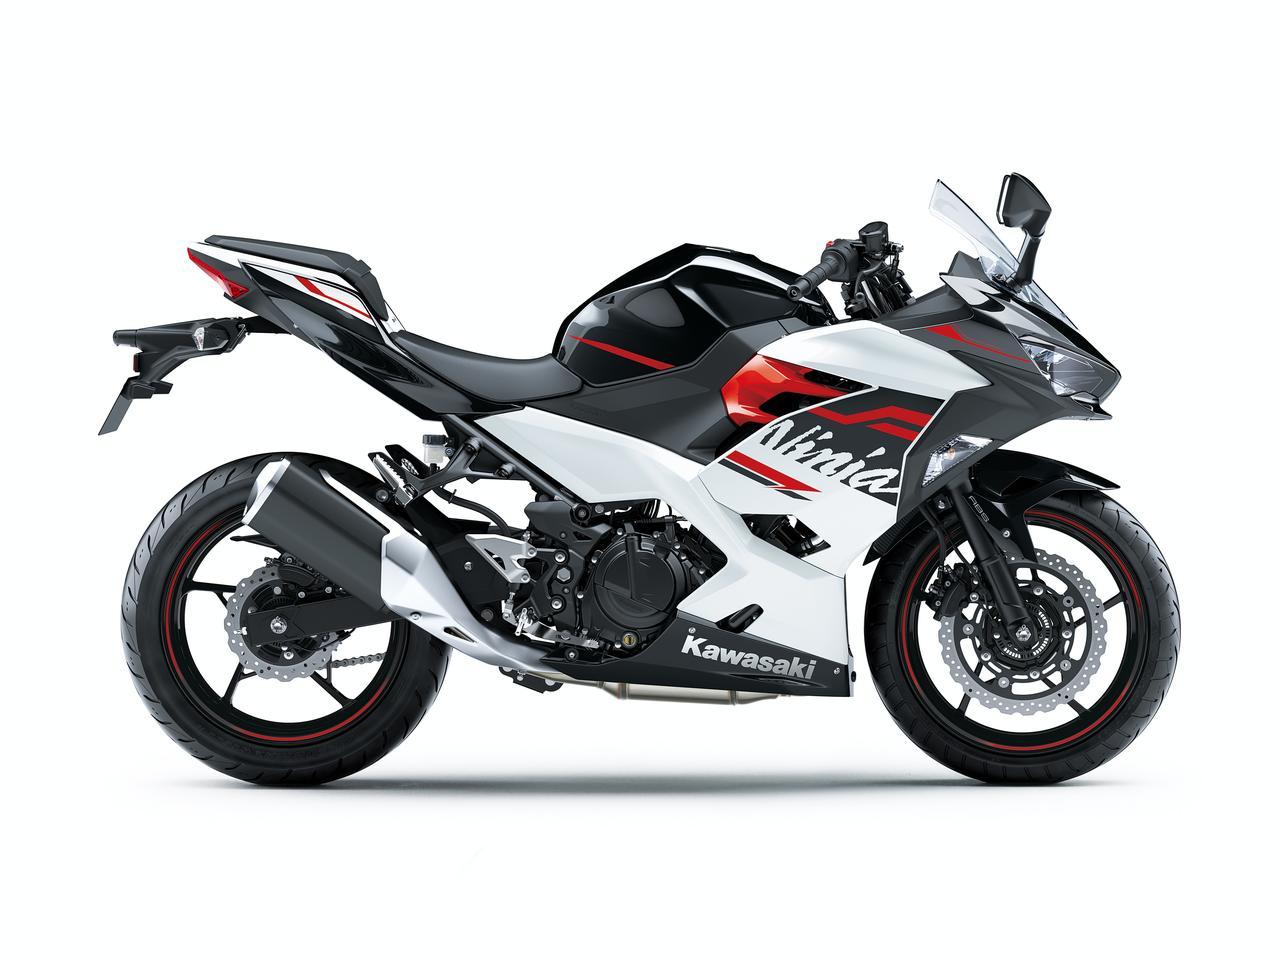 画像6: カワサキ「Ninja250」の2020年モデルは、Ninja400とそっくり!「Ninja 250 KRT EDITION」も合わせて9月1日(日)に発売!